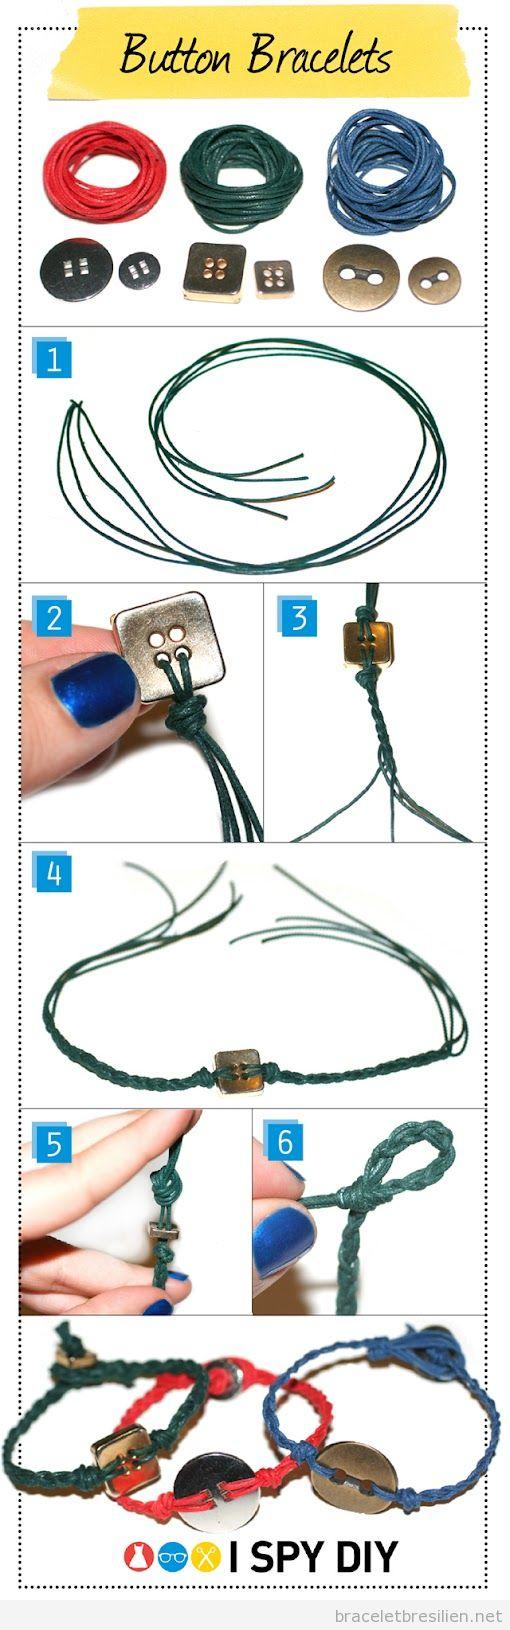 Tutoriel pour réaliser un bracelet en fil de cuir et bouton